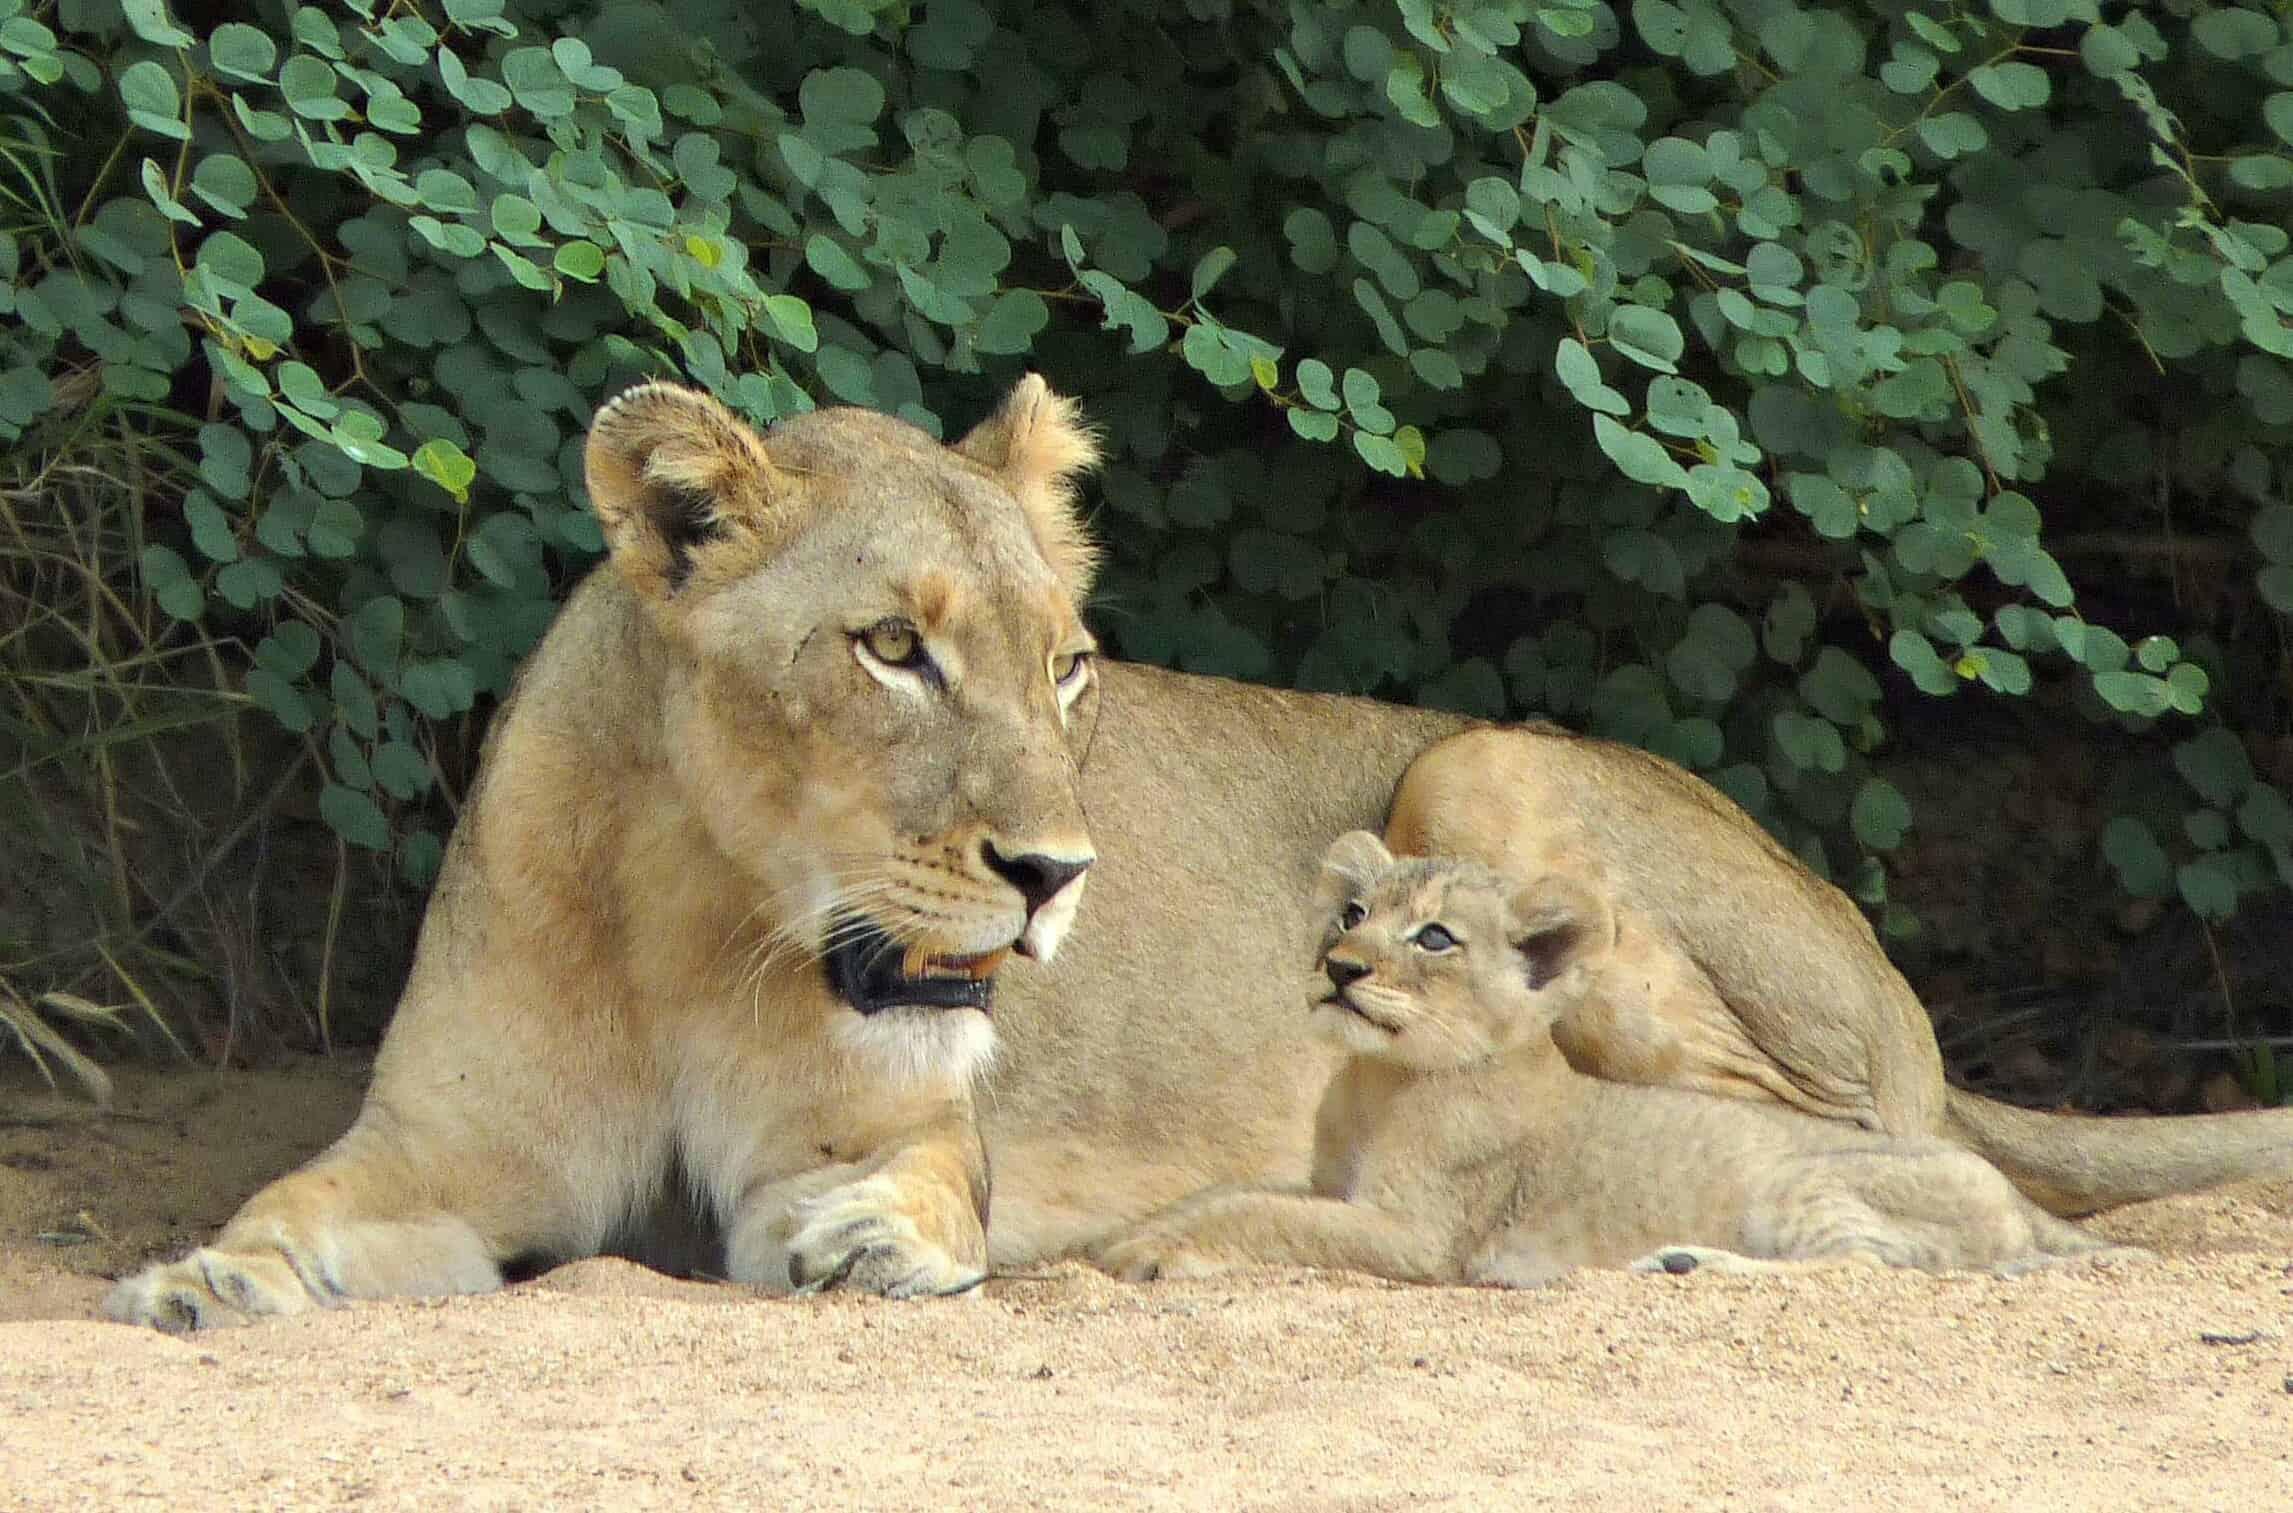 Lion & Cub, Kruger National Park